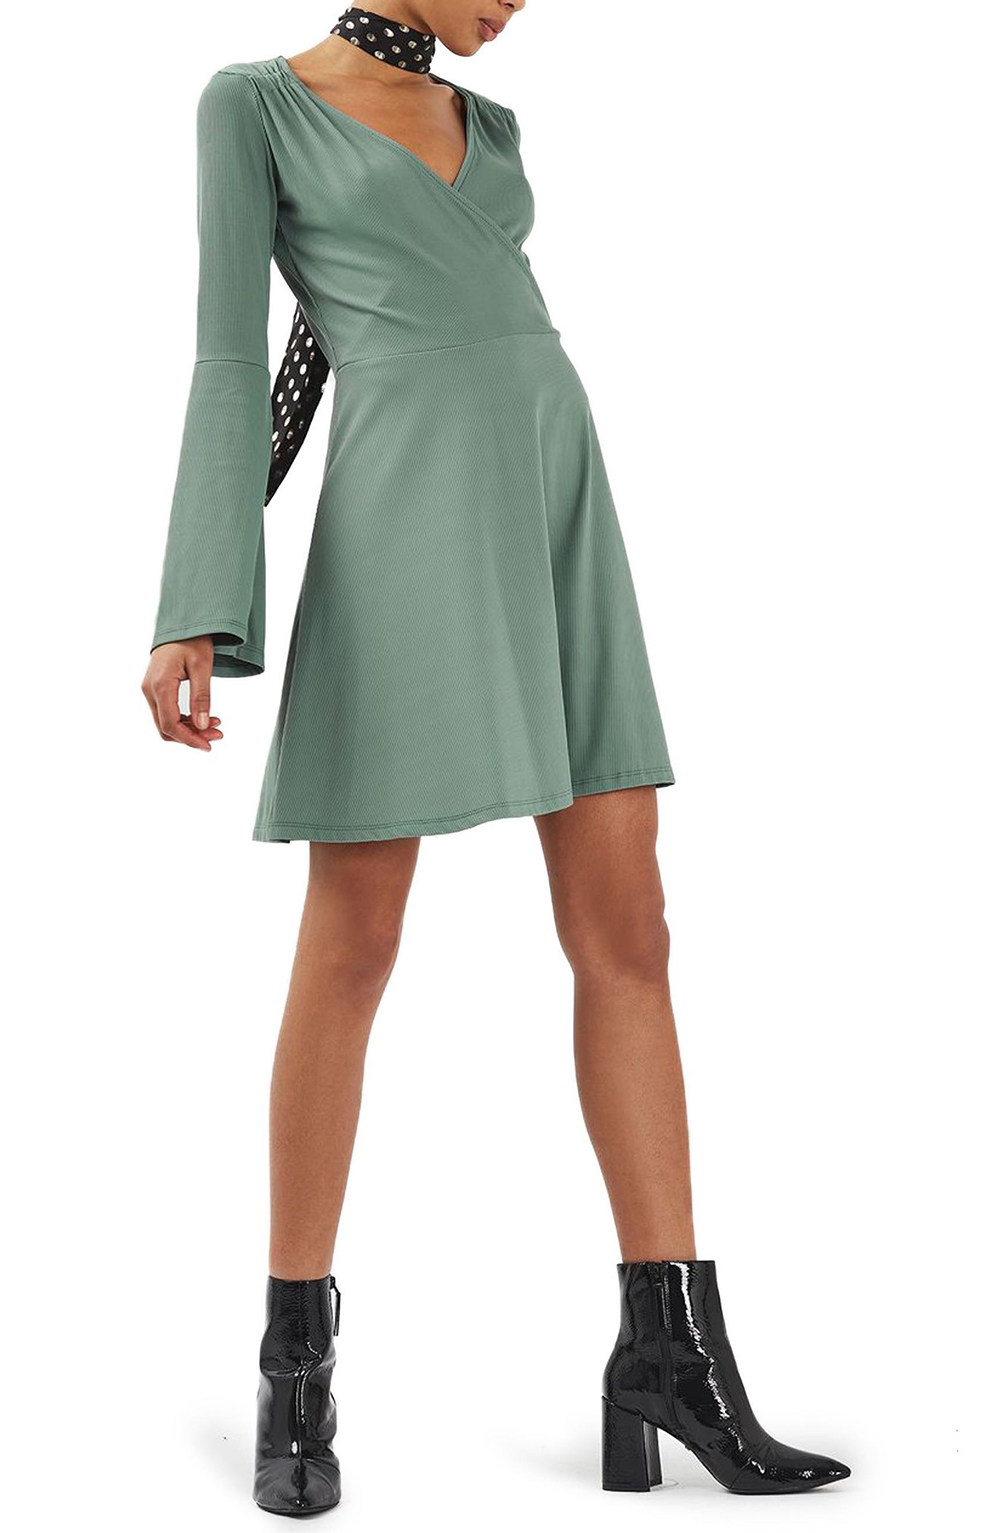 Topshop Trumpet Sleeve Skater Dress - Wardrobe Refresh: Topshop for Spring